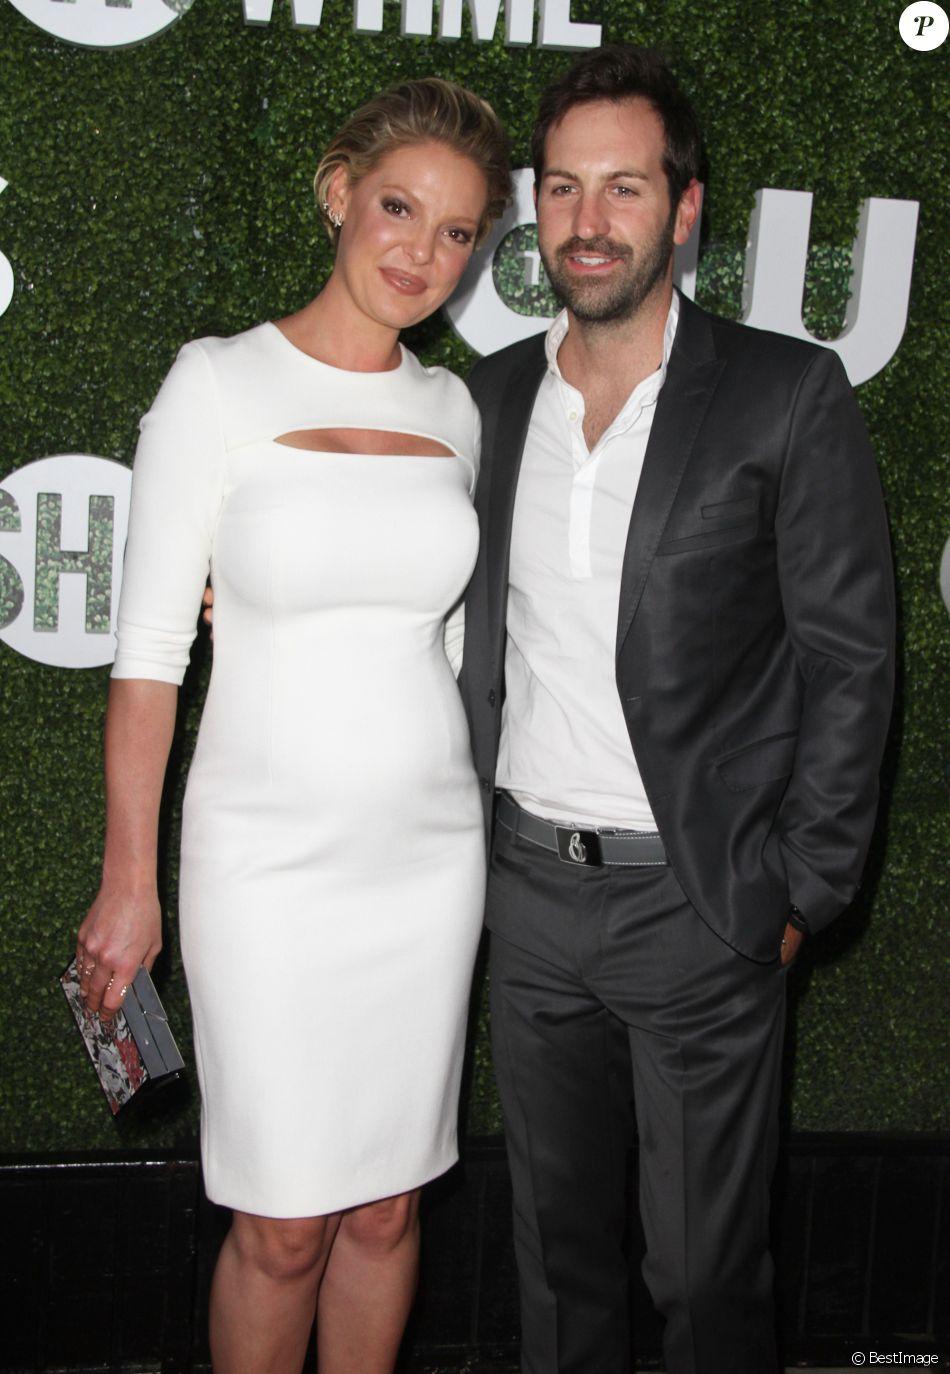 """Katherine Heigl (enceinte) et son mari Josh Kelley à la soirée """"CBS Television Studios Summer"""" au centre Pacific Design à West Hollywood, Californie, Etats-Unis, le 10 août 2016."""